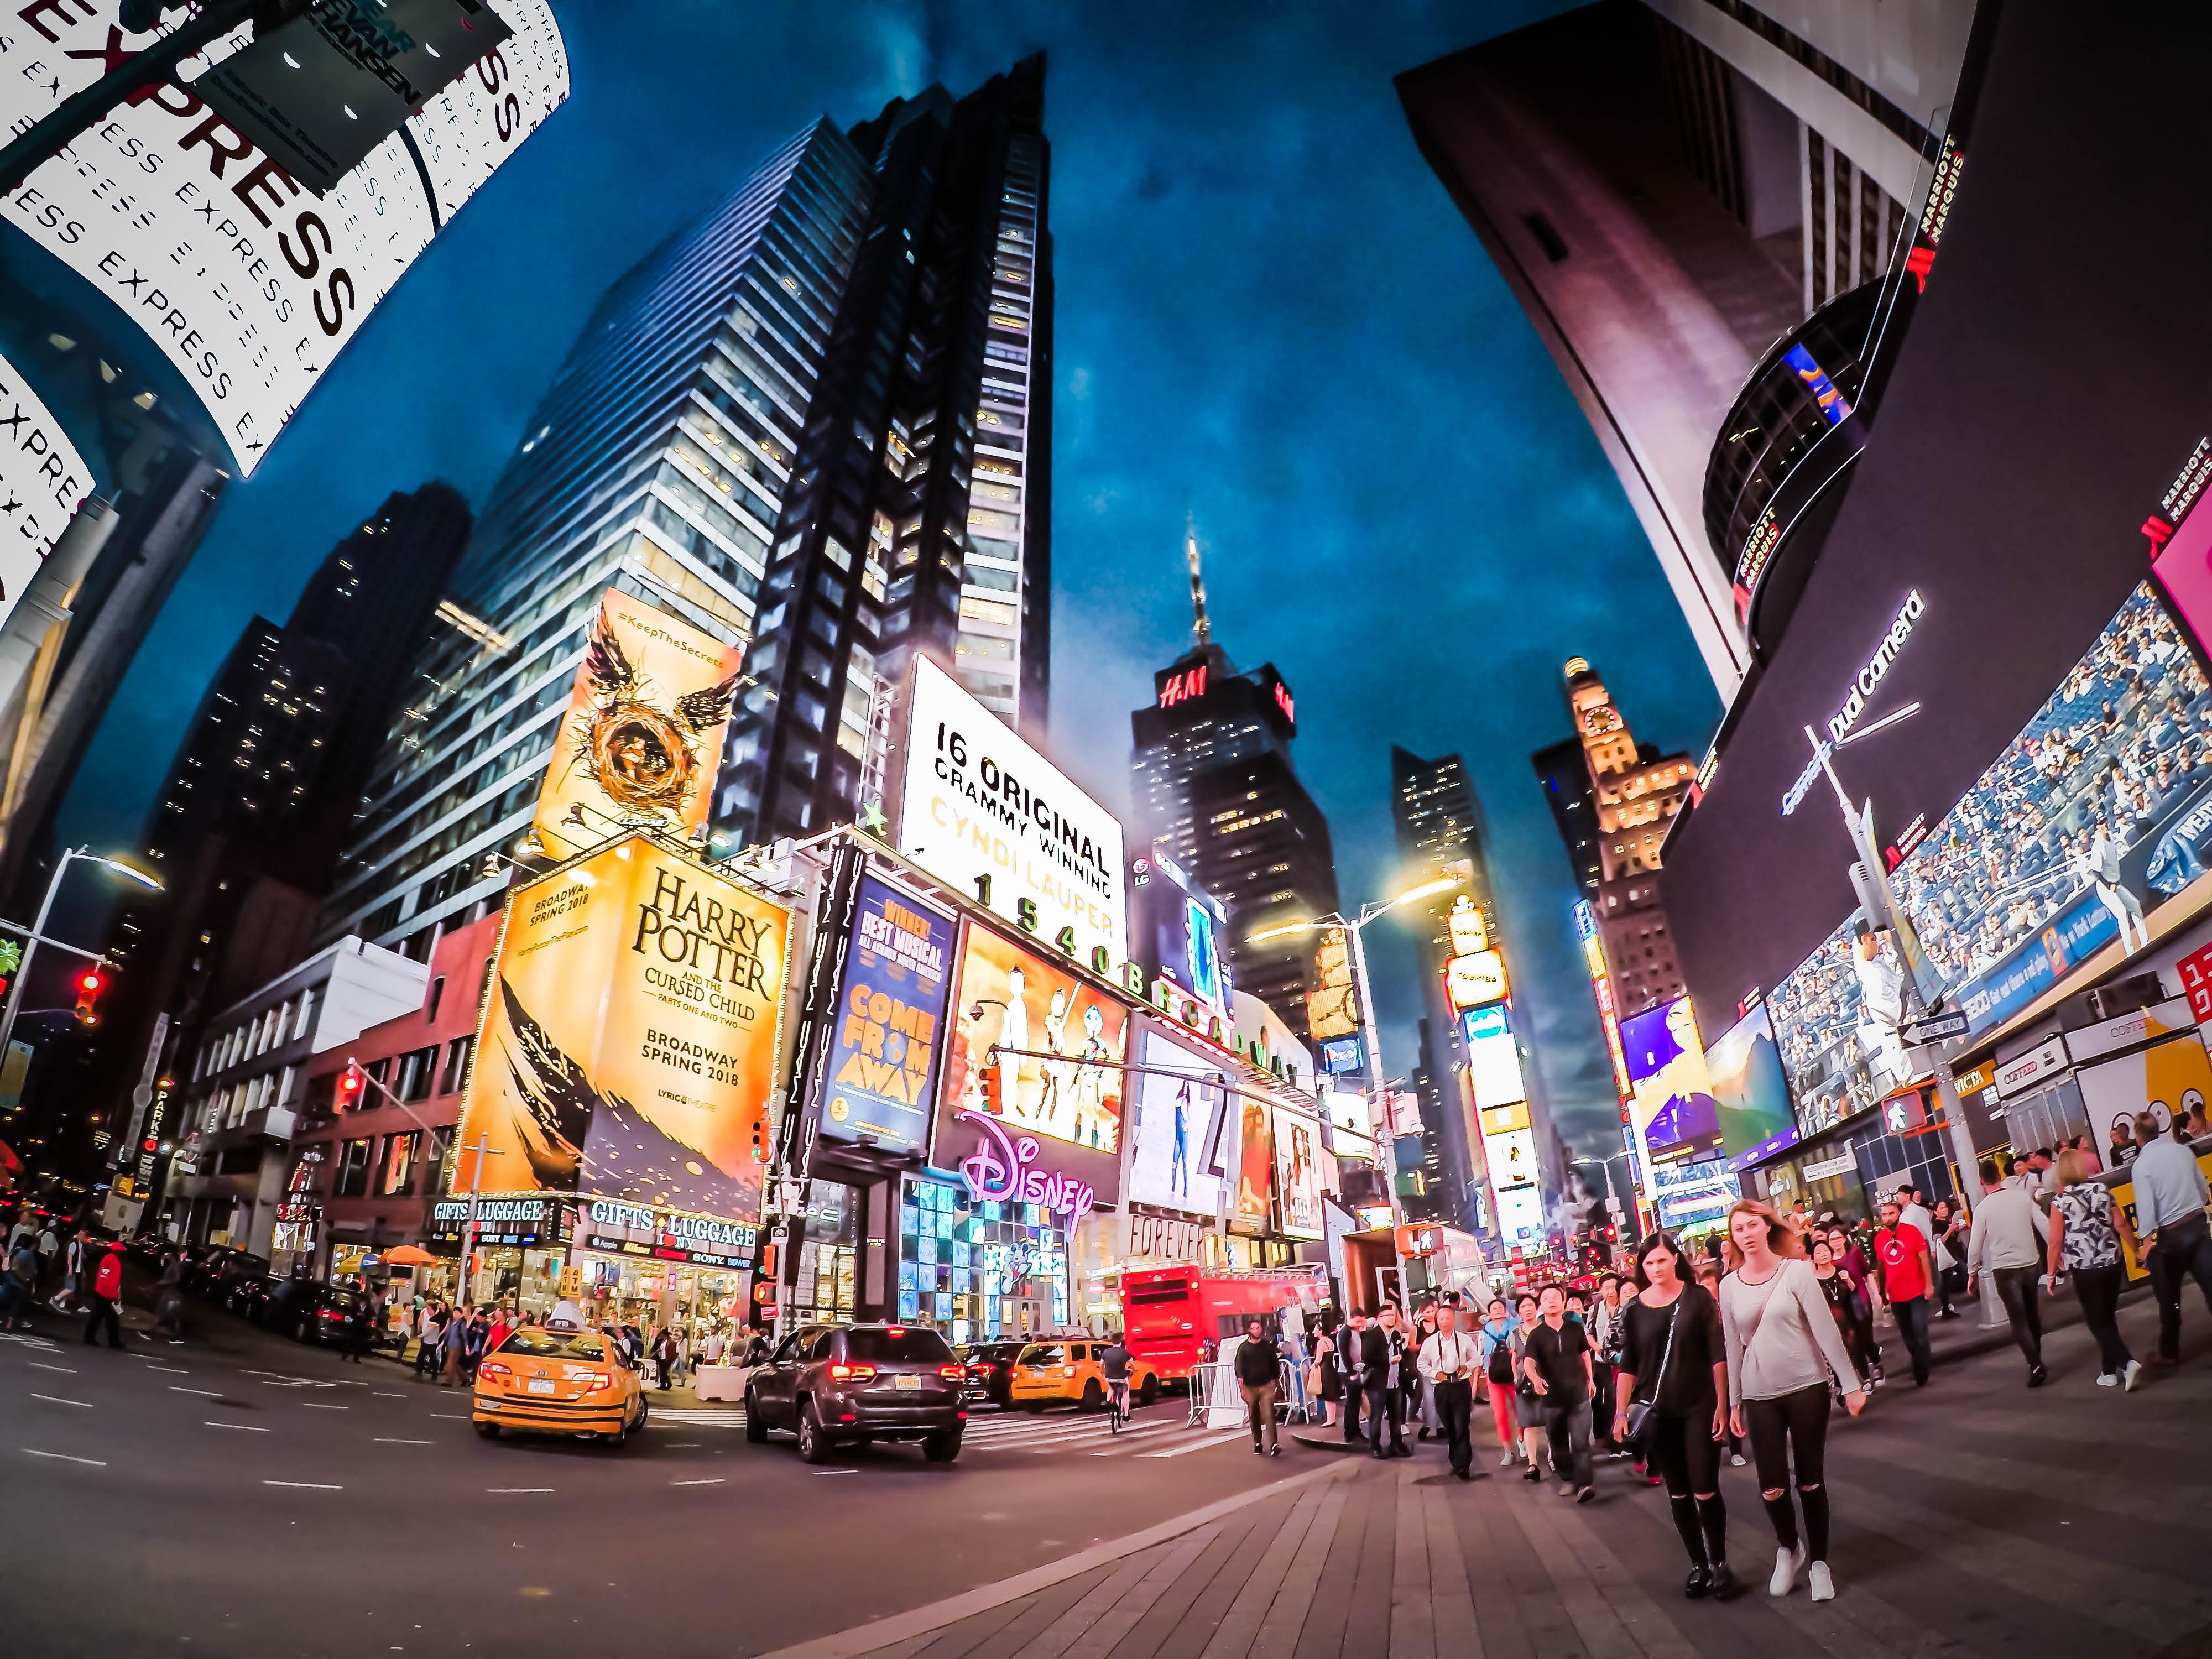 pantallas marketing digital contenidos digitales redes sociales creatividad video marketing inbound.jpg